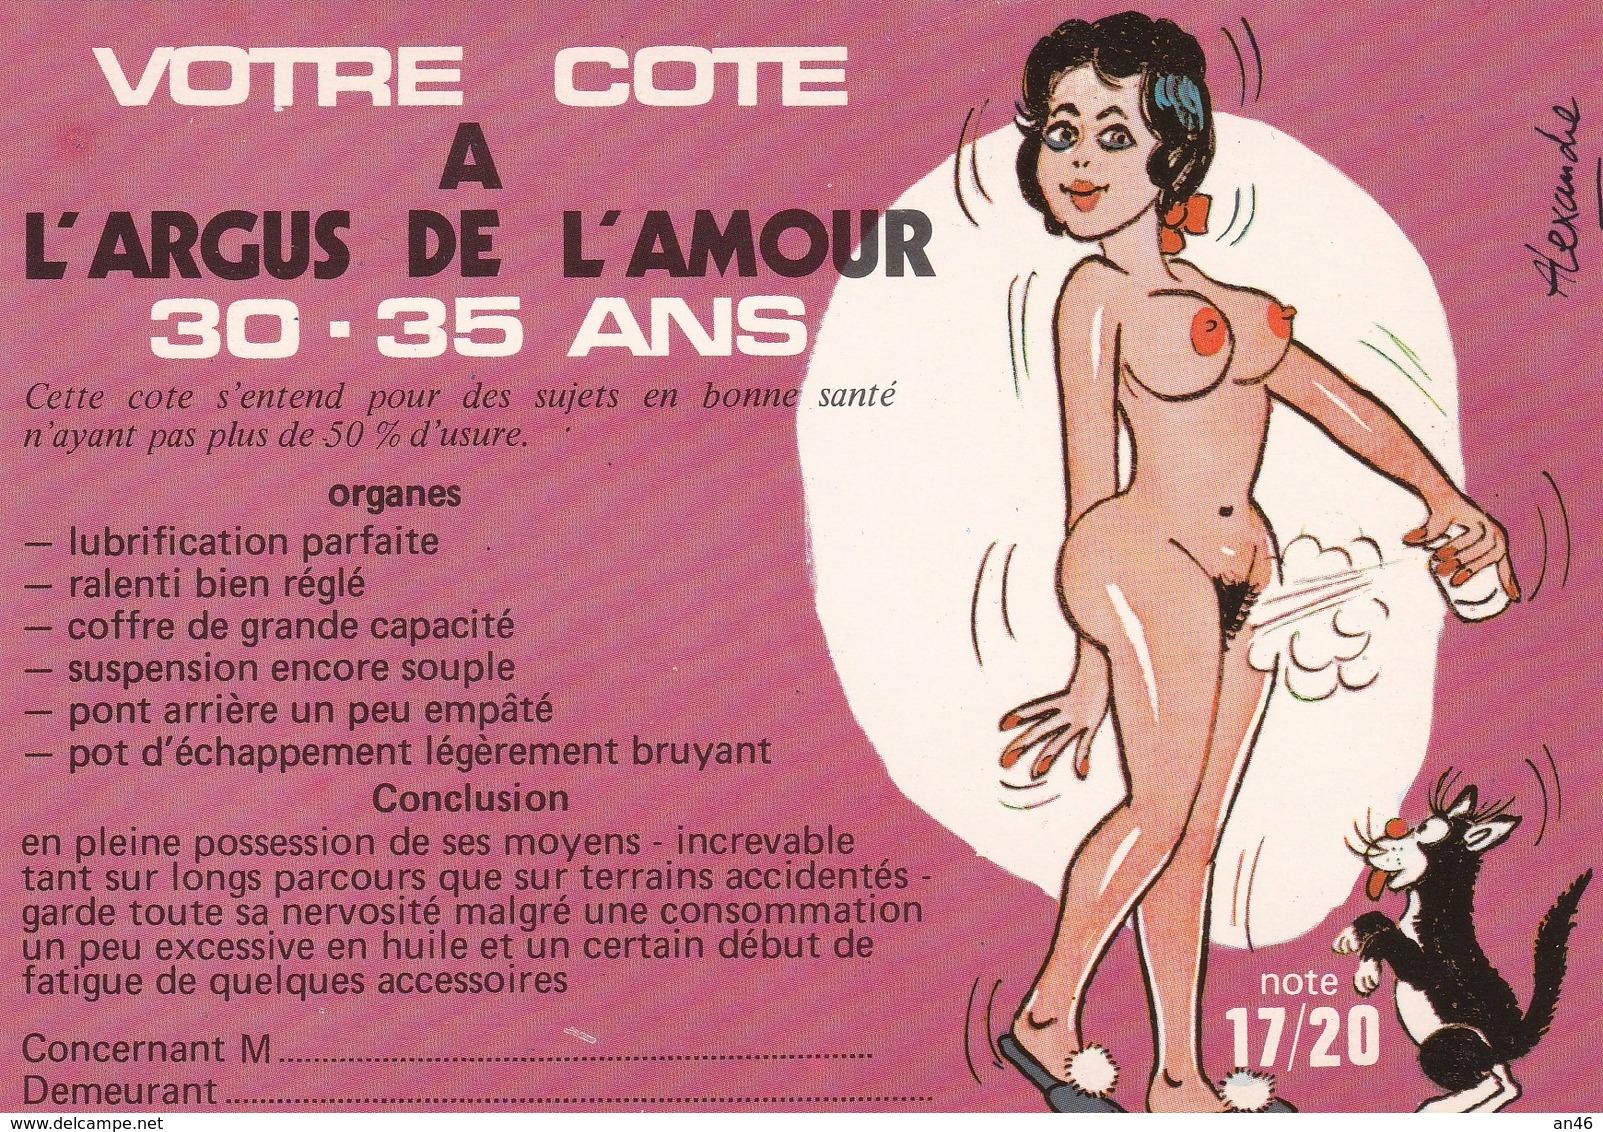 HUMOR UMORISTICHE CARICATURE DONNA VOTRE COTE A L'ARGUS DE L'AMOUR 30-35 ANS  ORIGINALE 100% - Humor